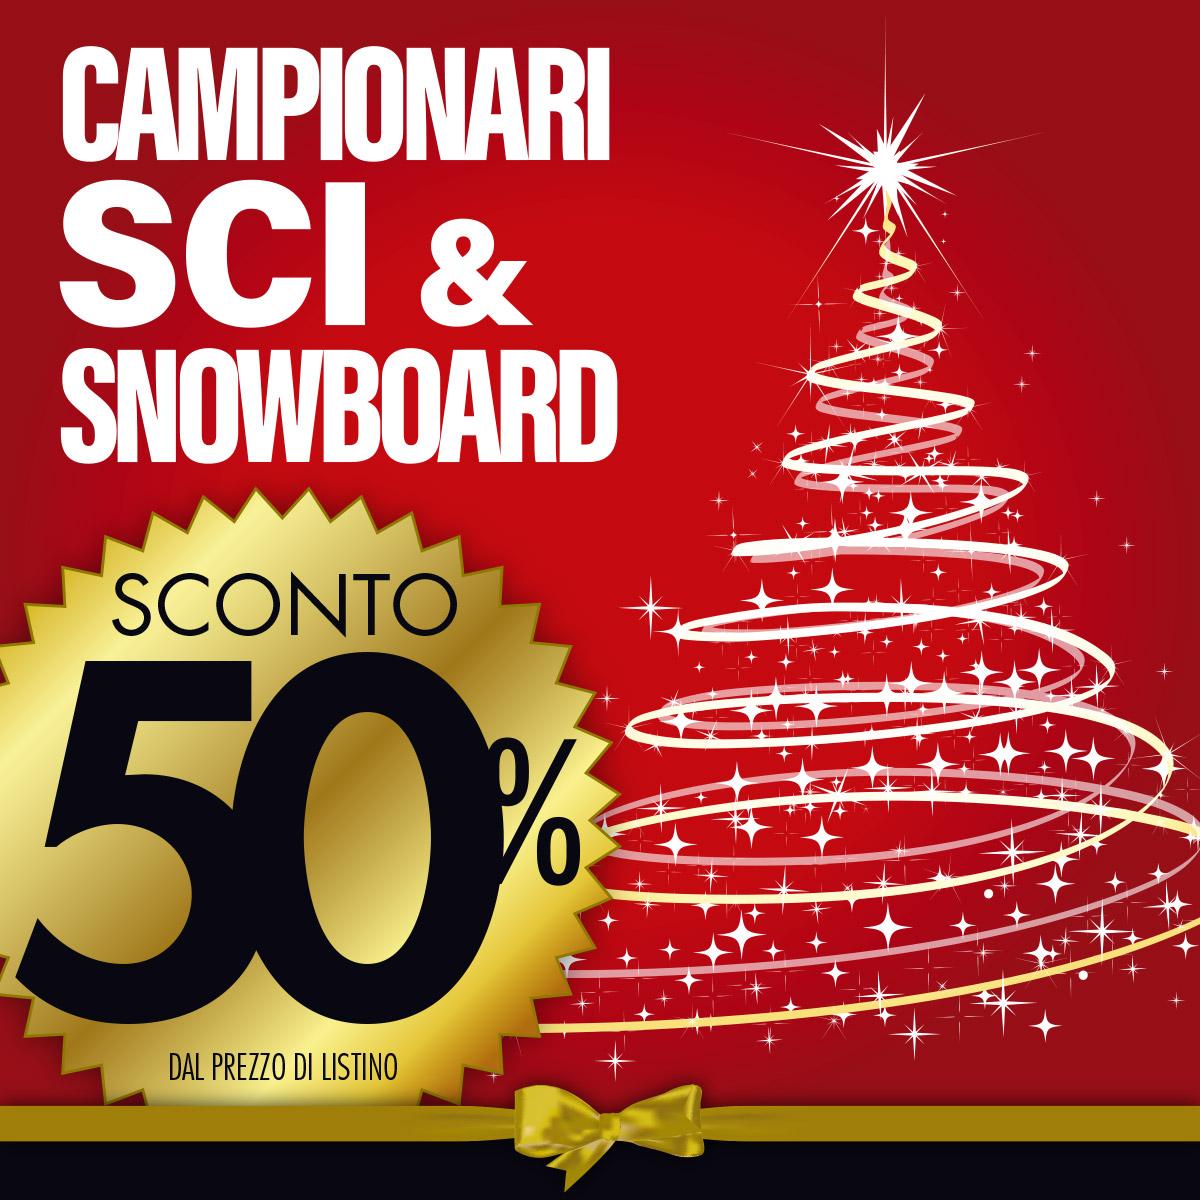 Promo VERNANTE CAMPIONARI Sconto 40-50